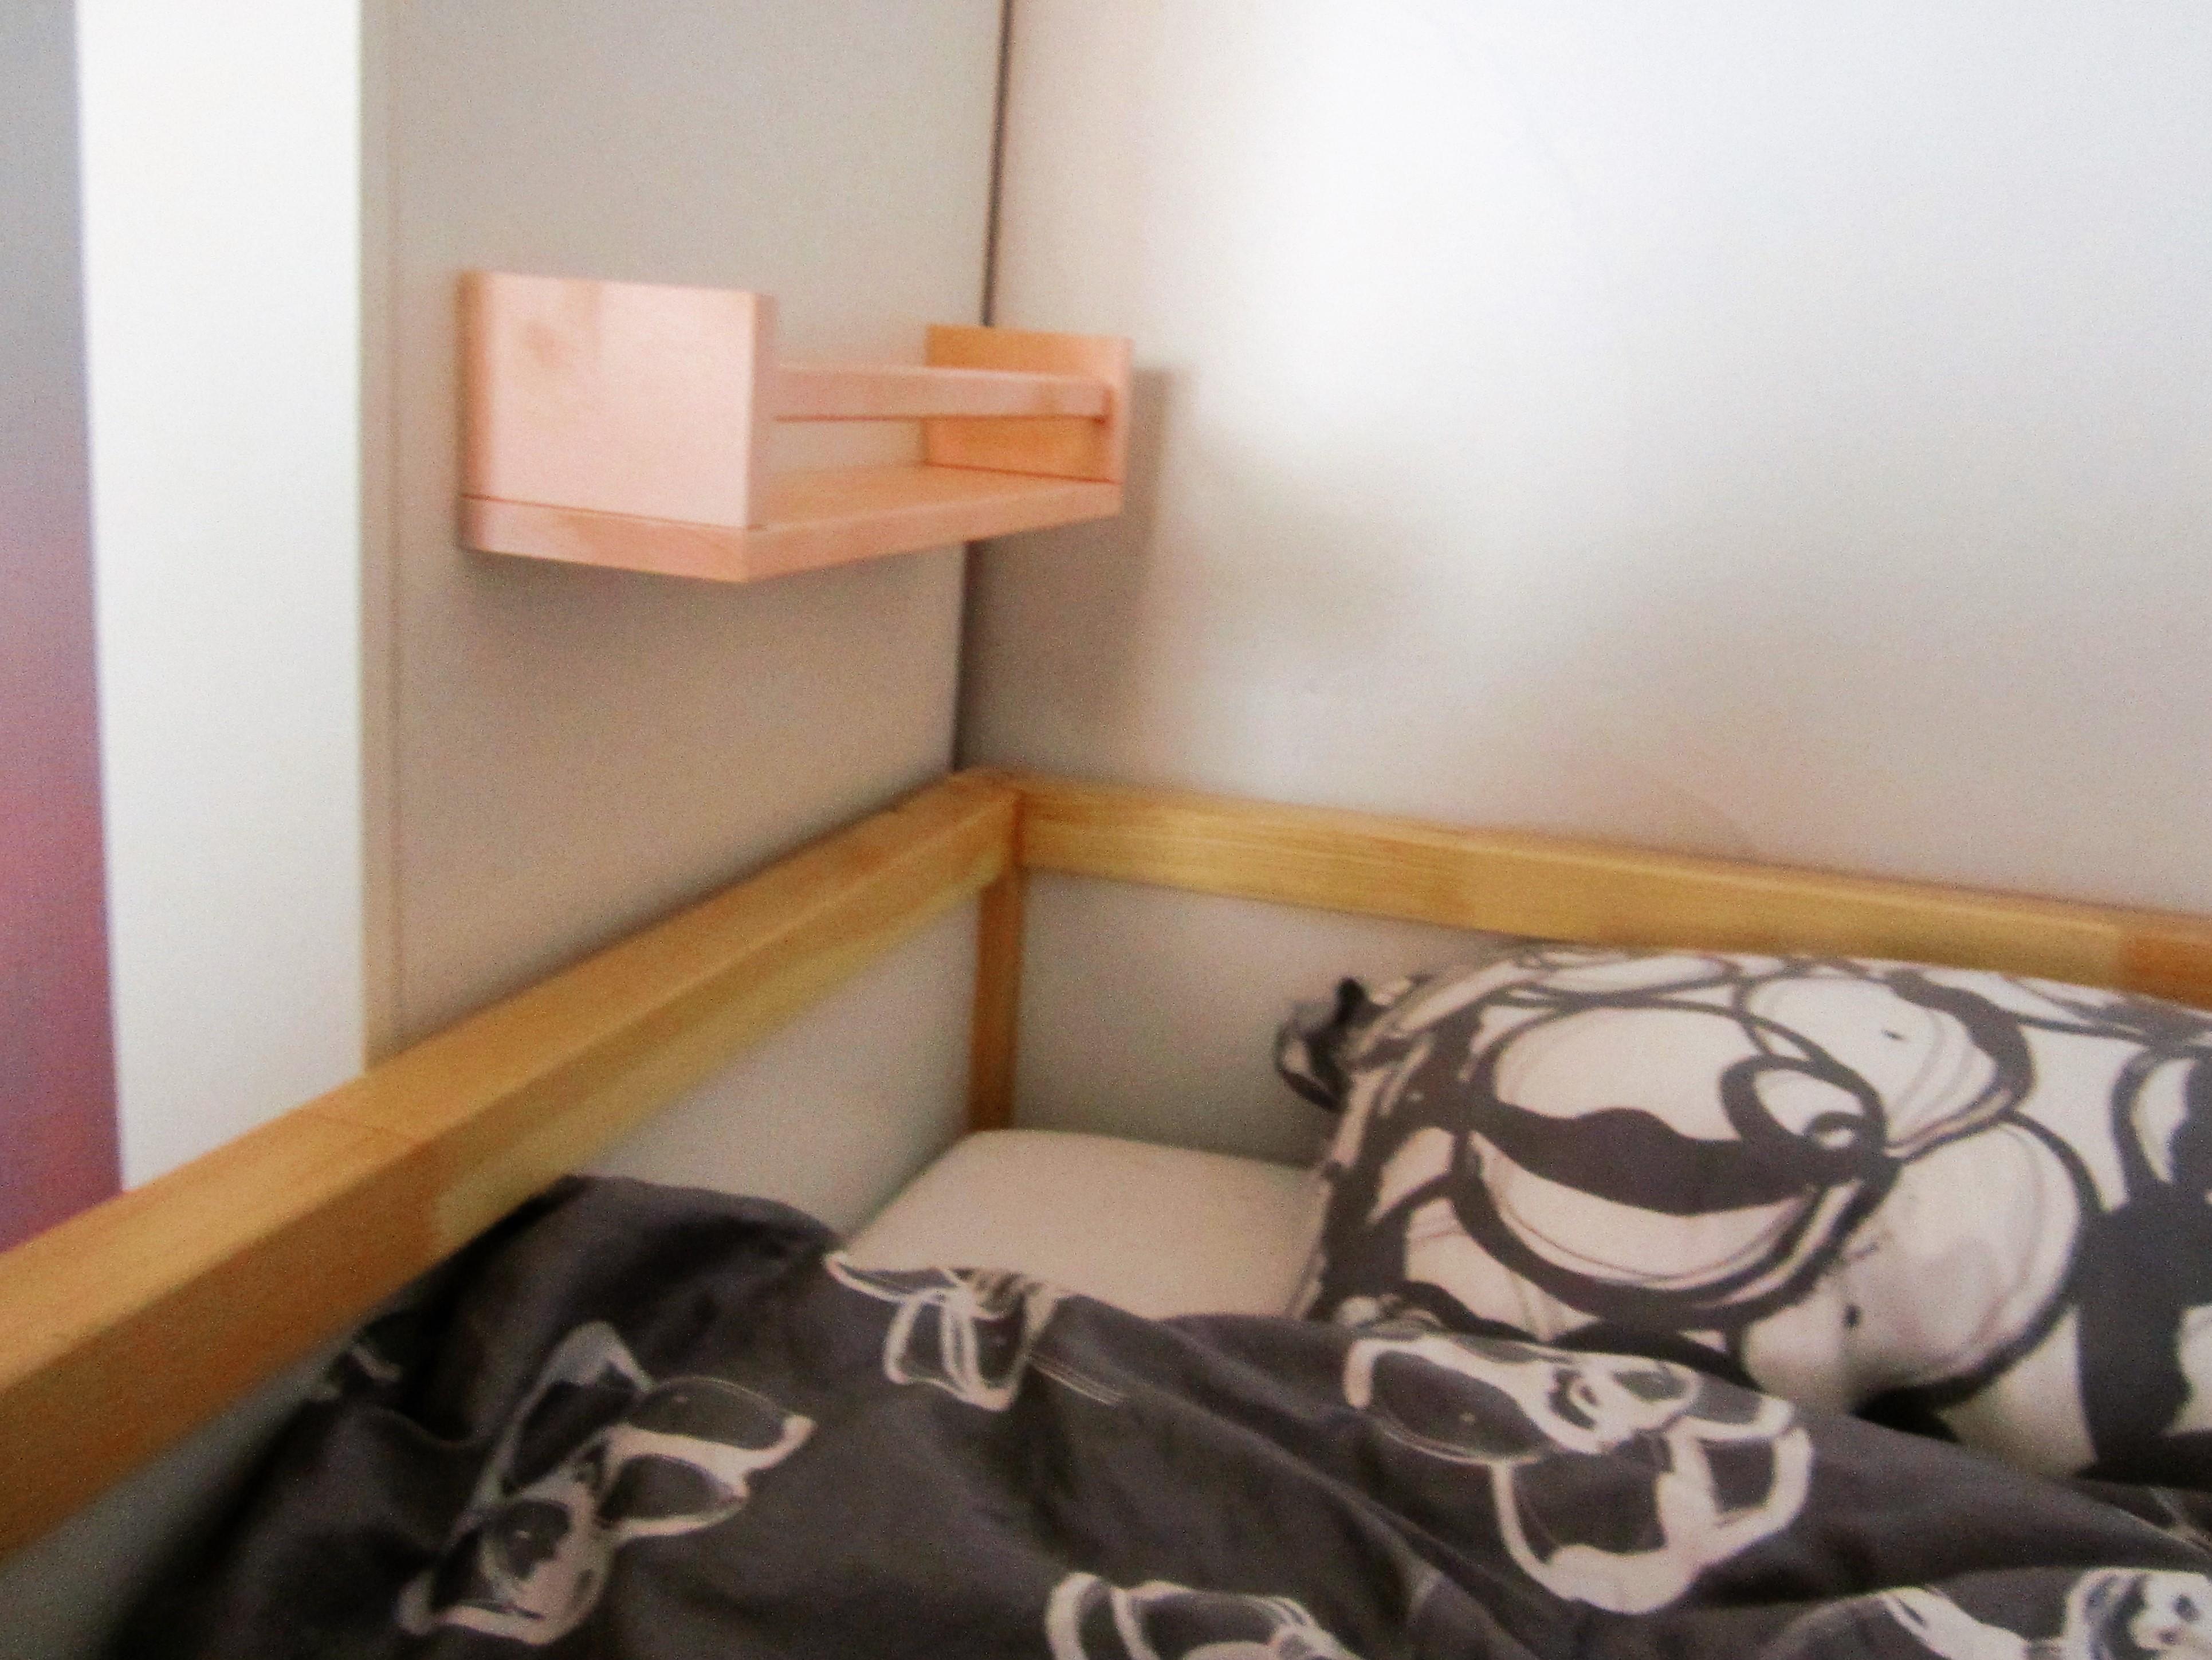 Ikea Hack Bekvam Spice Rack As Bunk Bed Shelf The Elm Life